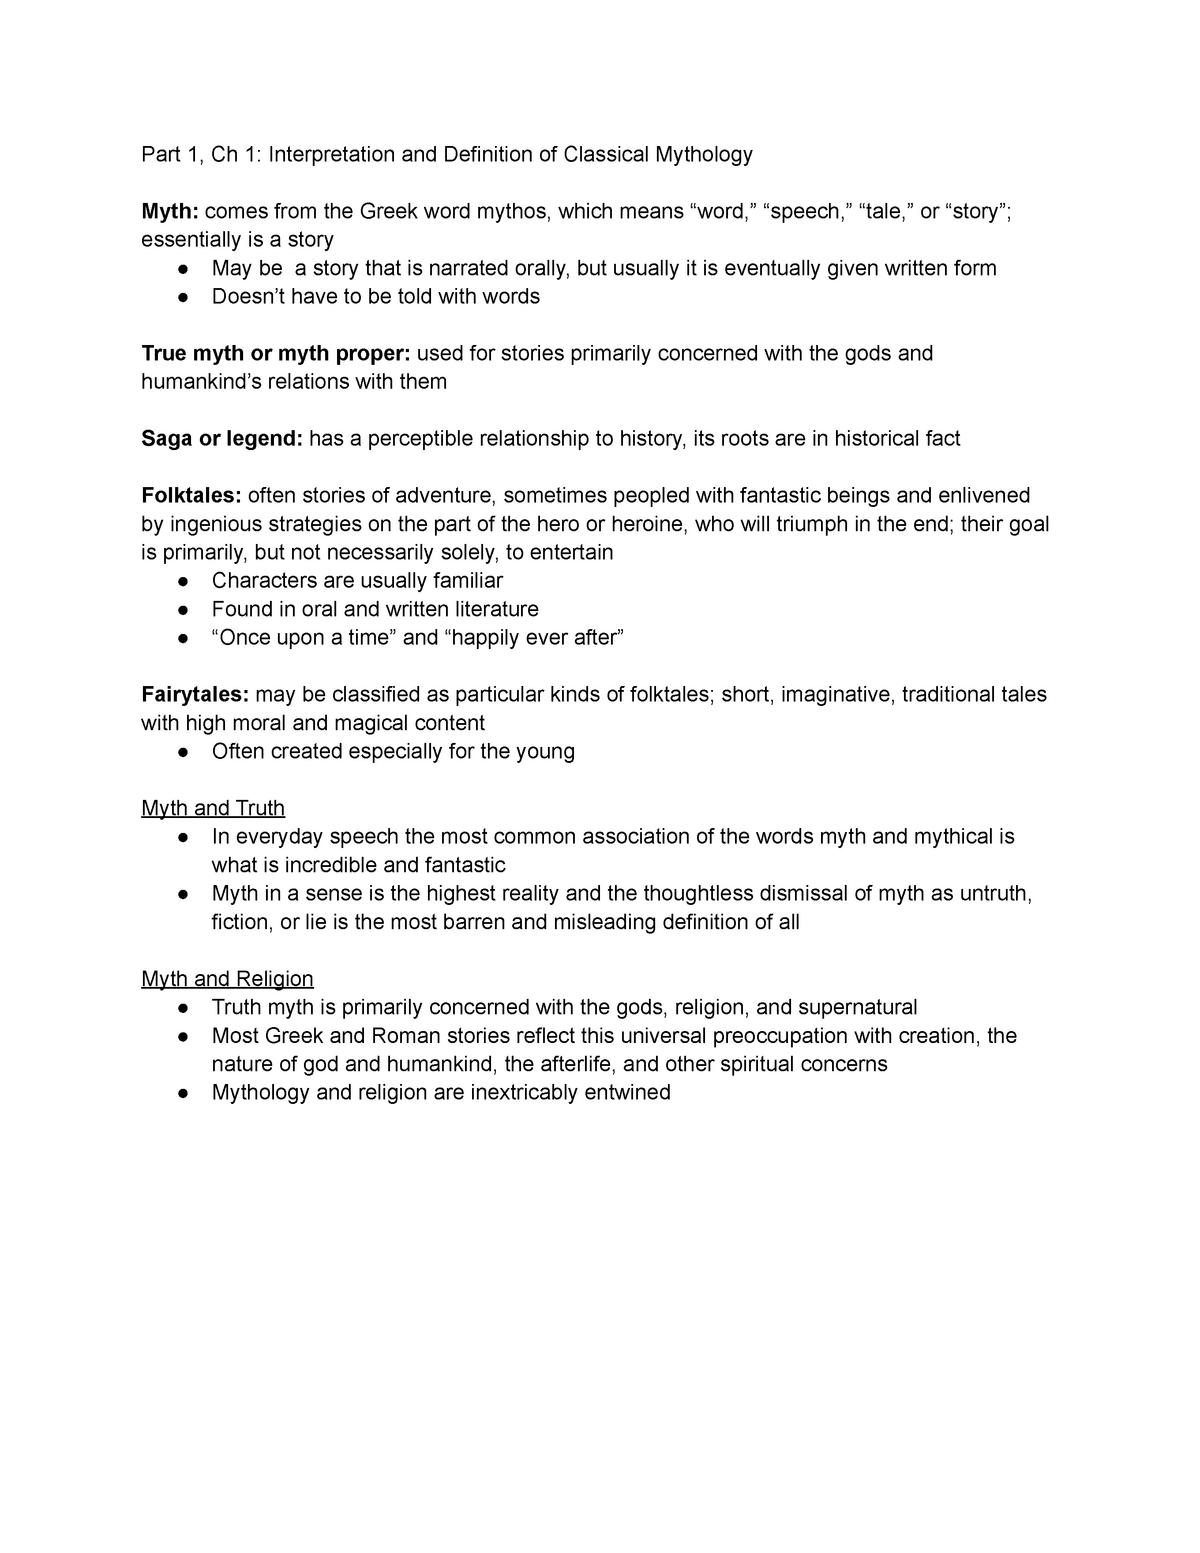 CH 1 Book Notes - Summary Classical Mythology - CMLT316